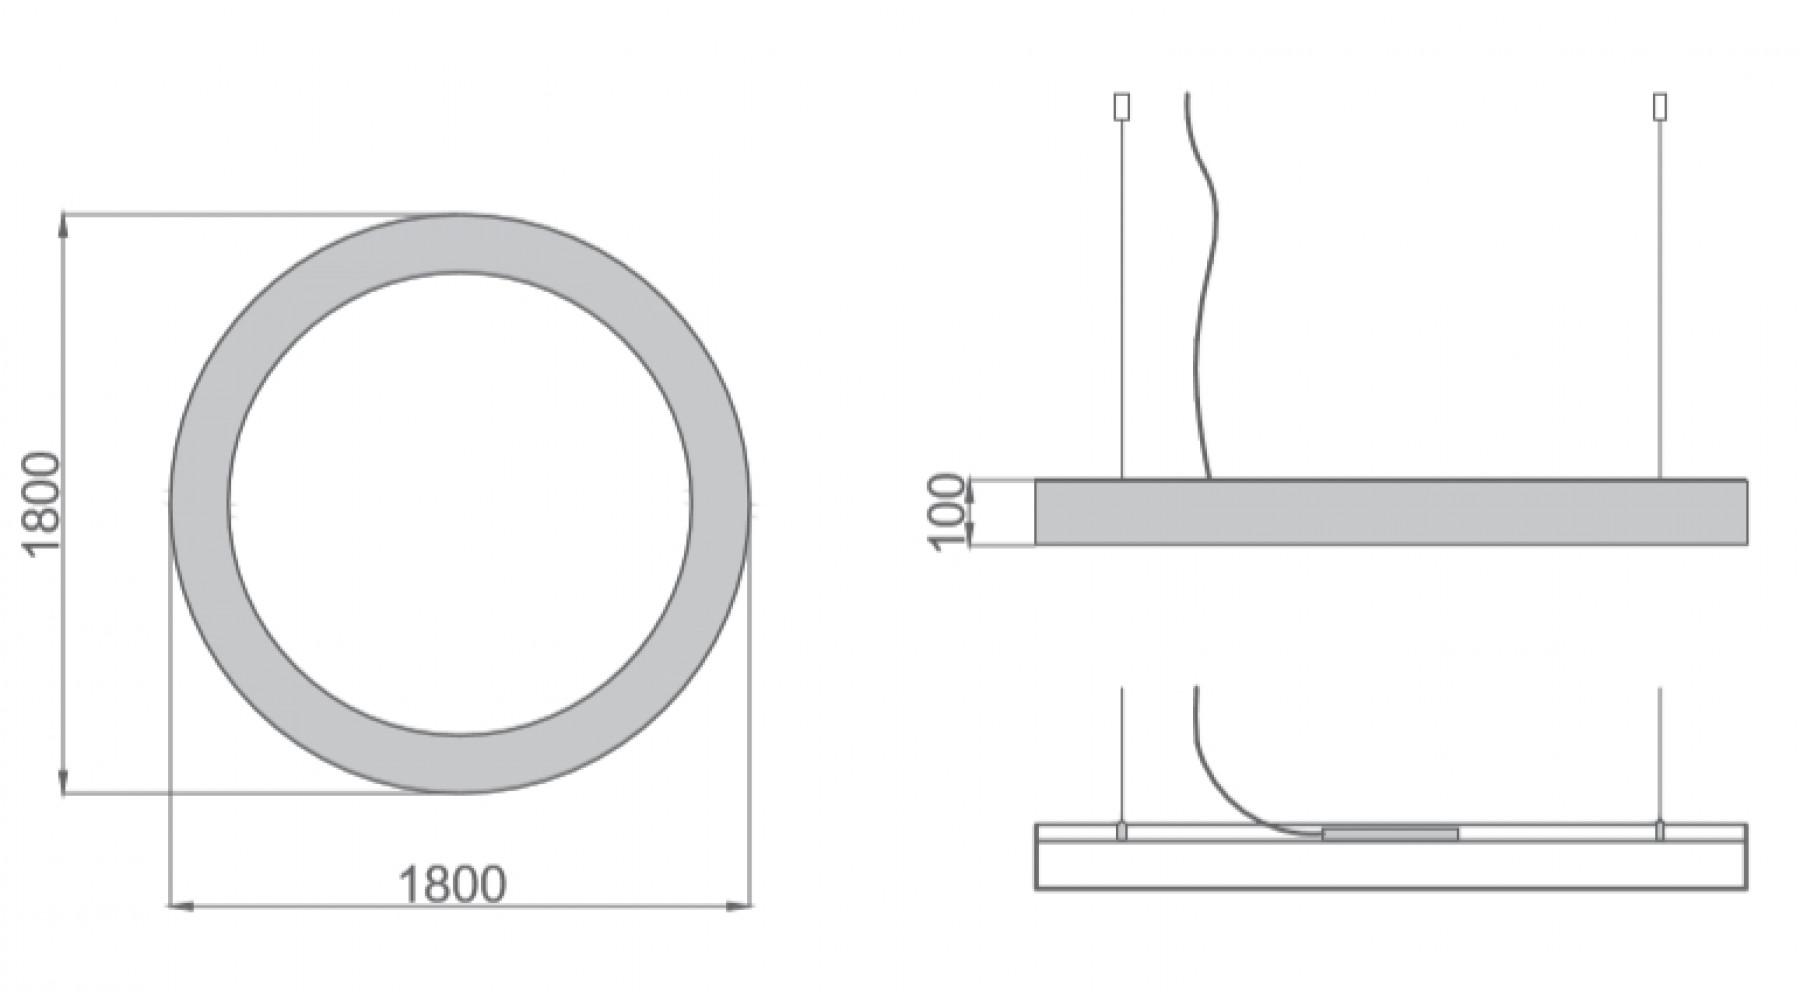 Кольцевой светодиодный светильник SUNRing - d1800х100мм S=80мм, 136Вт, 12370Лм, IP20